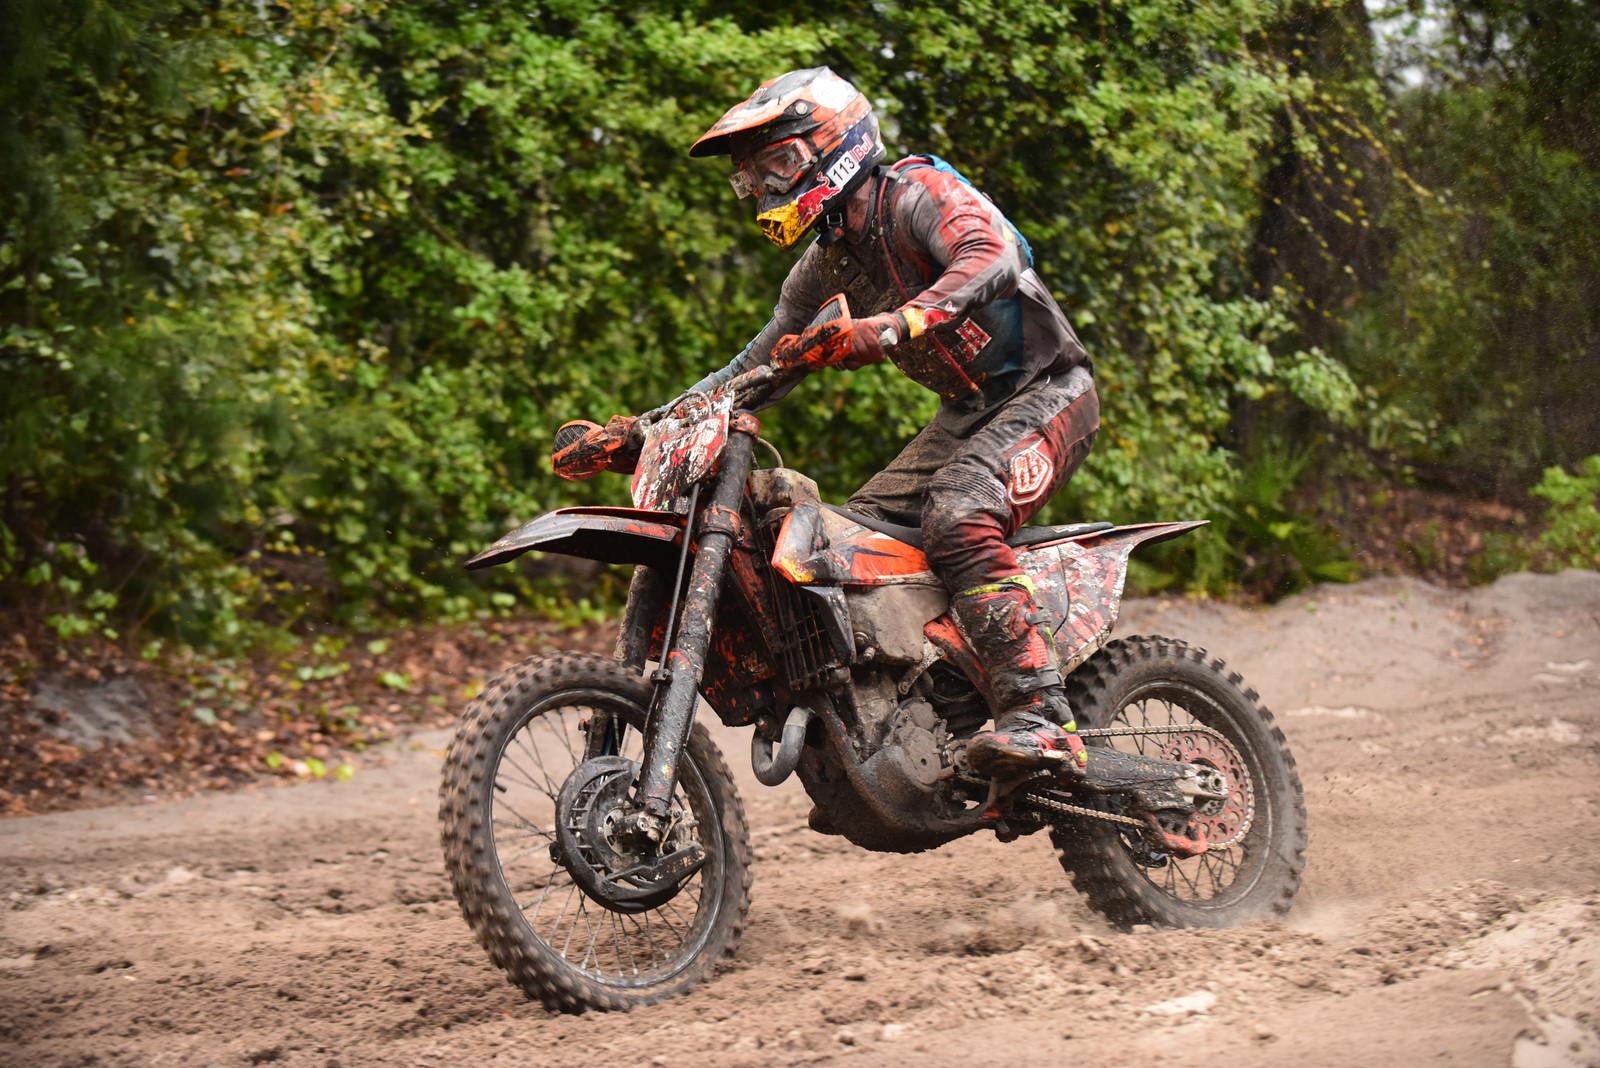 Russell Bobbitt - Wild Boar GNCC - Motocross Pictures - Vital MX